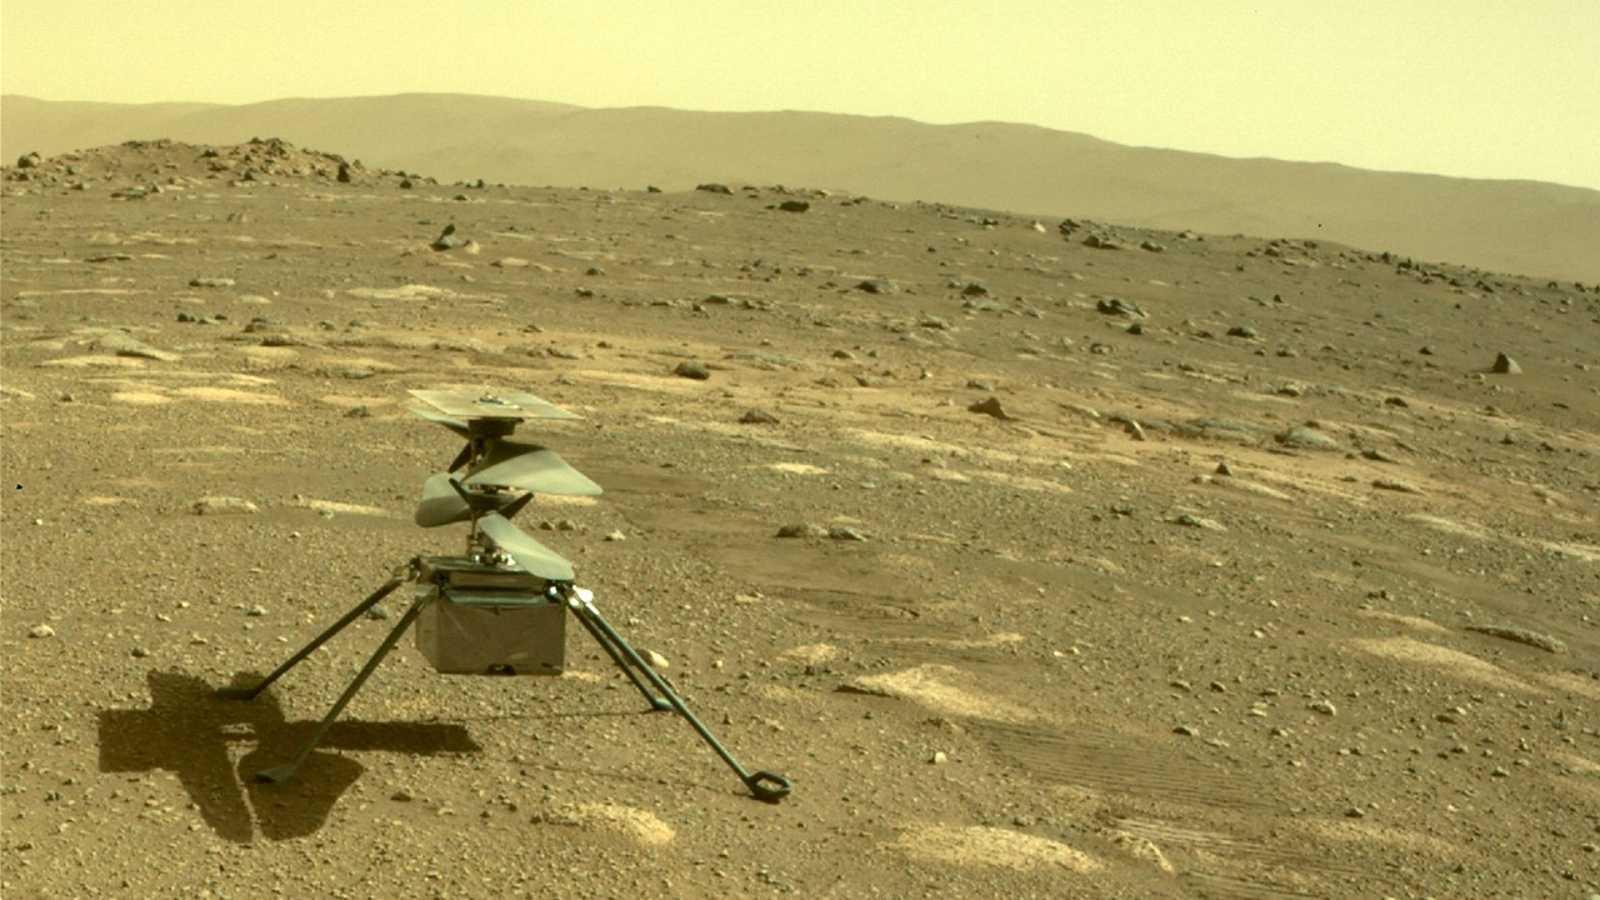 El dron 'Ingenuity' realizará el primer vuelo autónomo de la historia en Marte